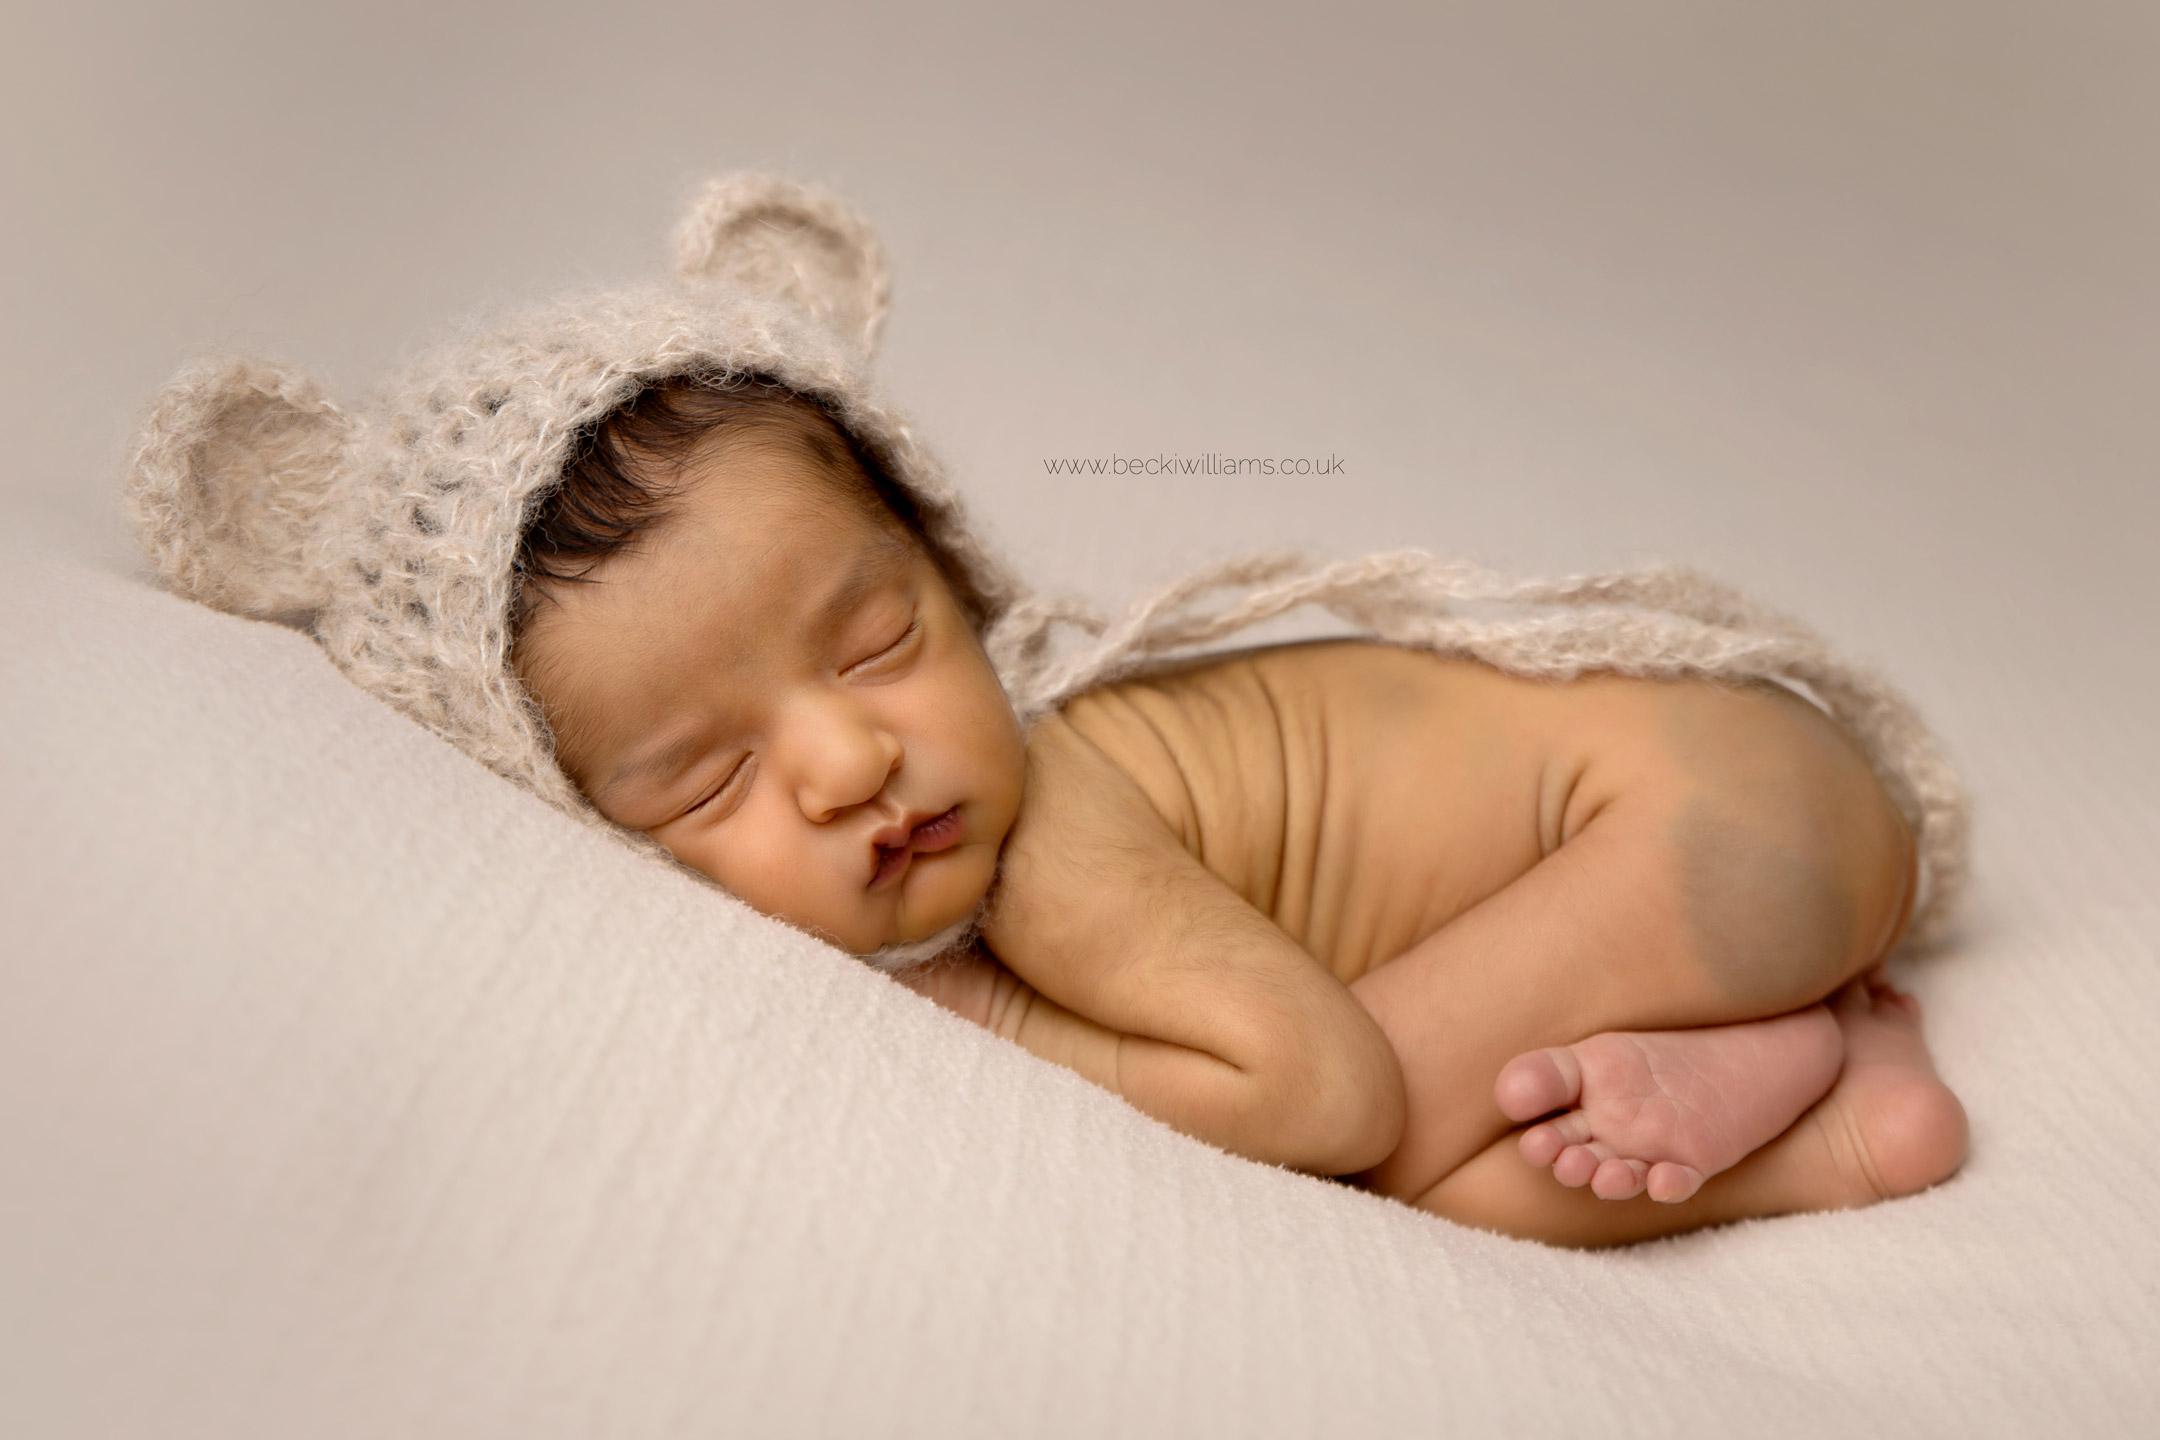 photographer-in-hemel-hempstead-newborn-baby-studio-16.jpg